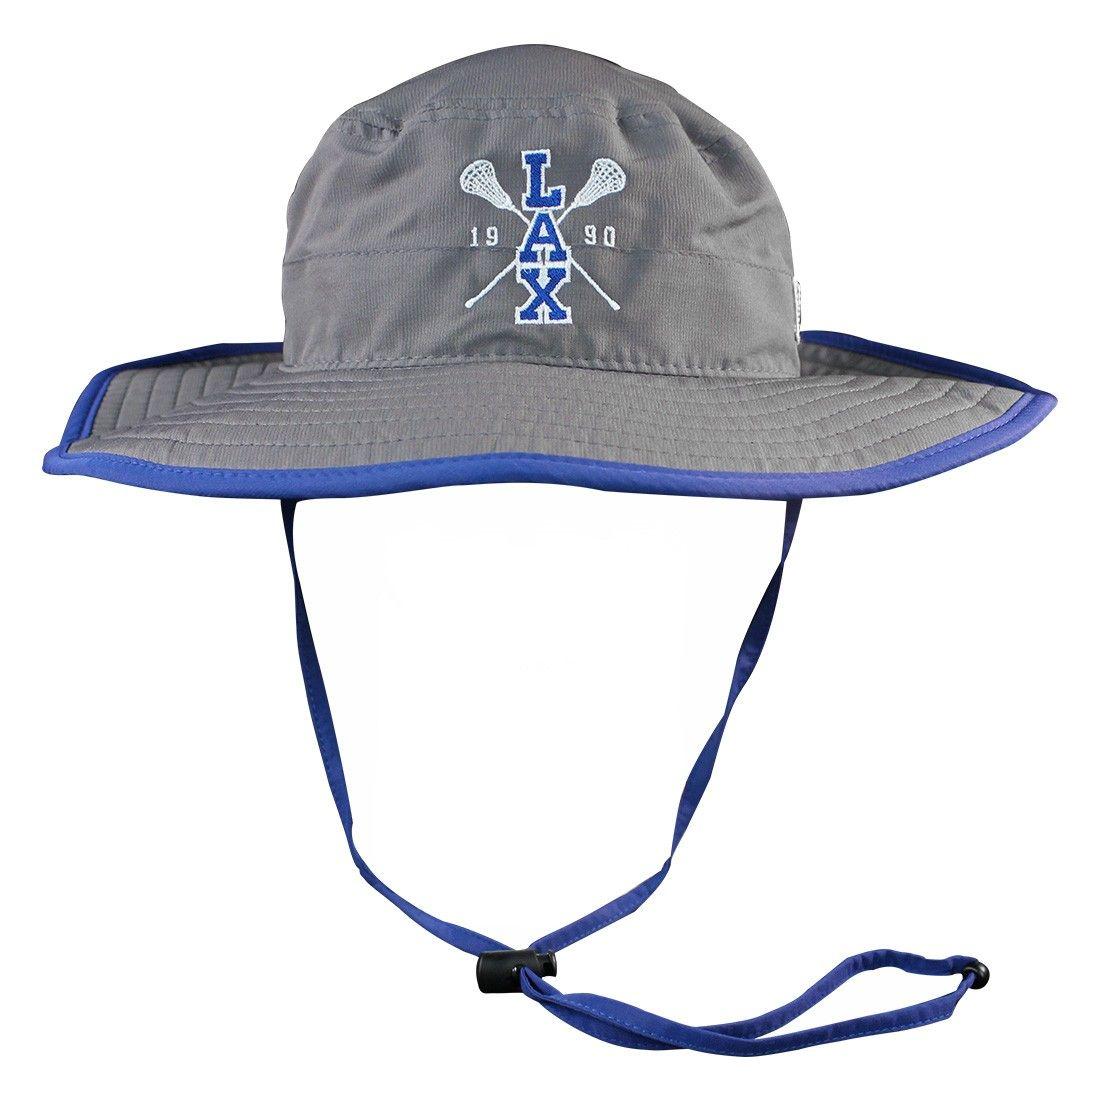 b5e24ff49 LacrosseUnlimited Cross Stix Bucket Hat | Lacrosse Unlimited Hats ...